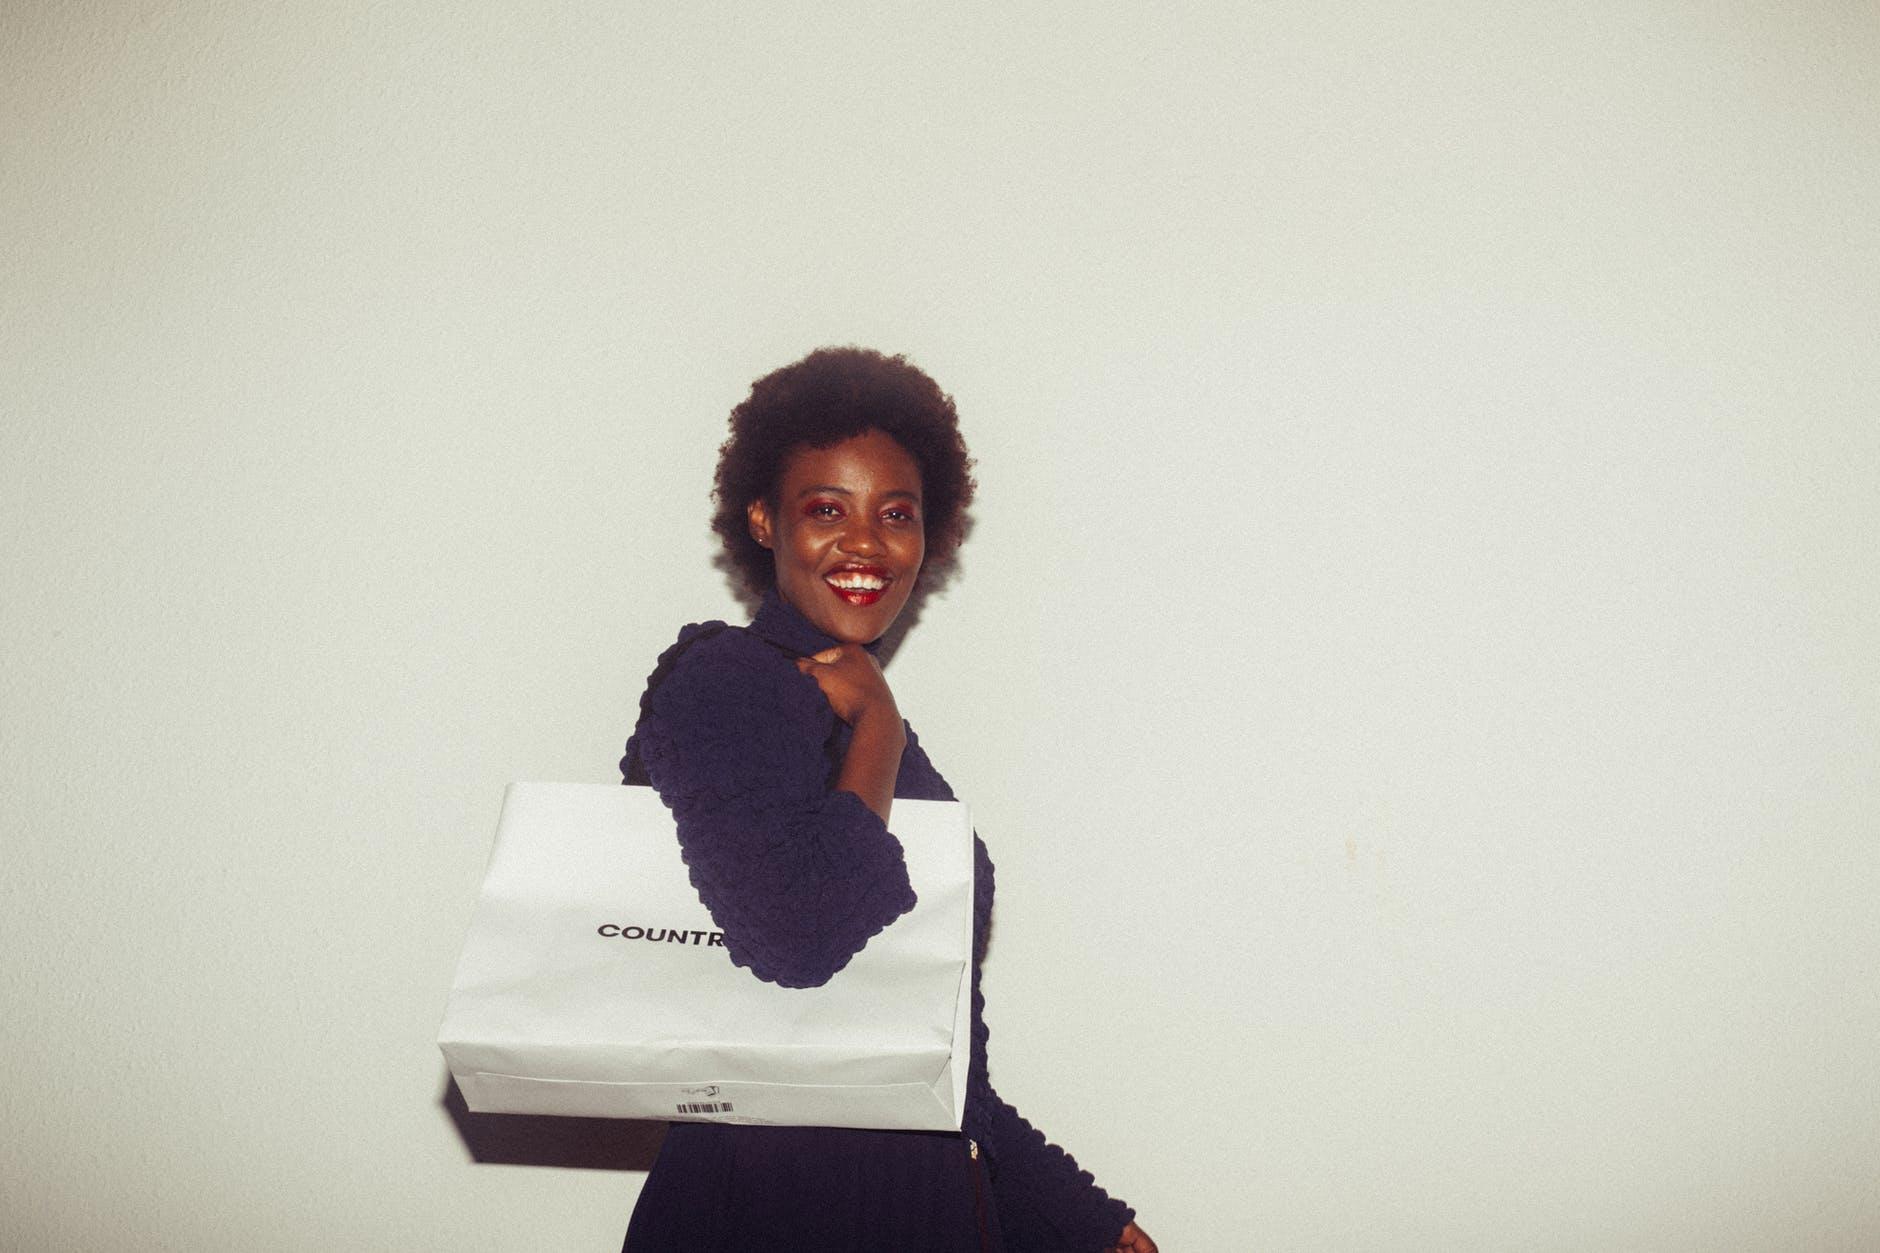 Kobieta z torbą na ramieniu